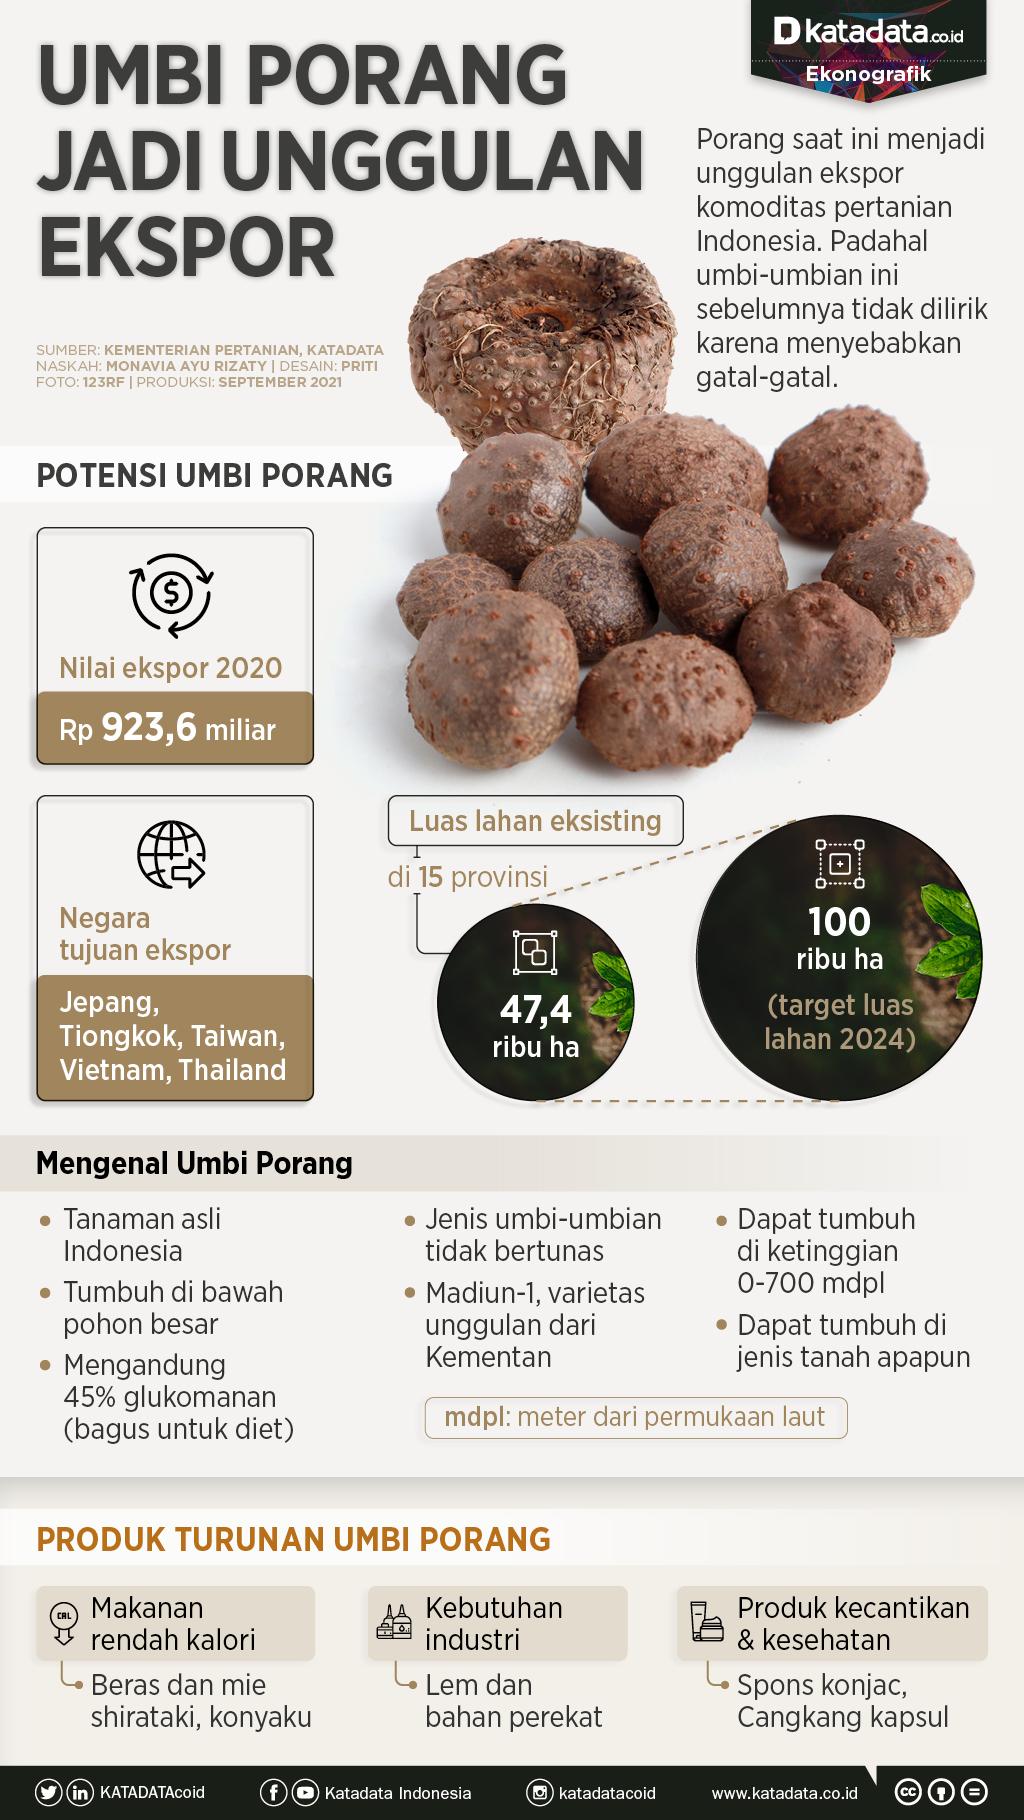 Infografik_Umbi porang jadi unggulan ekspor